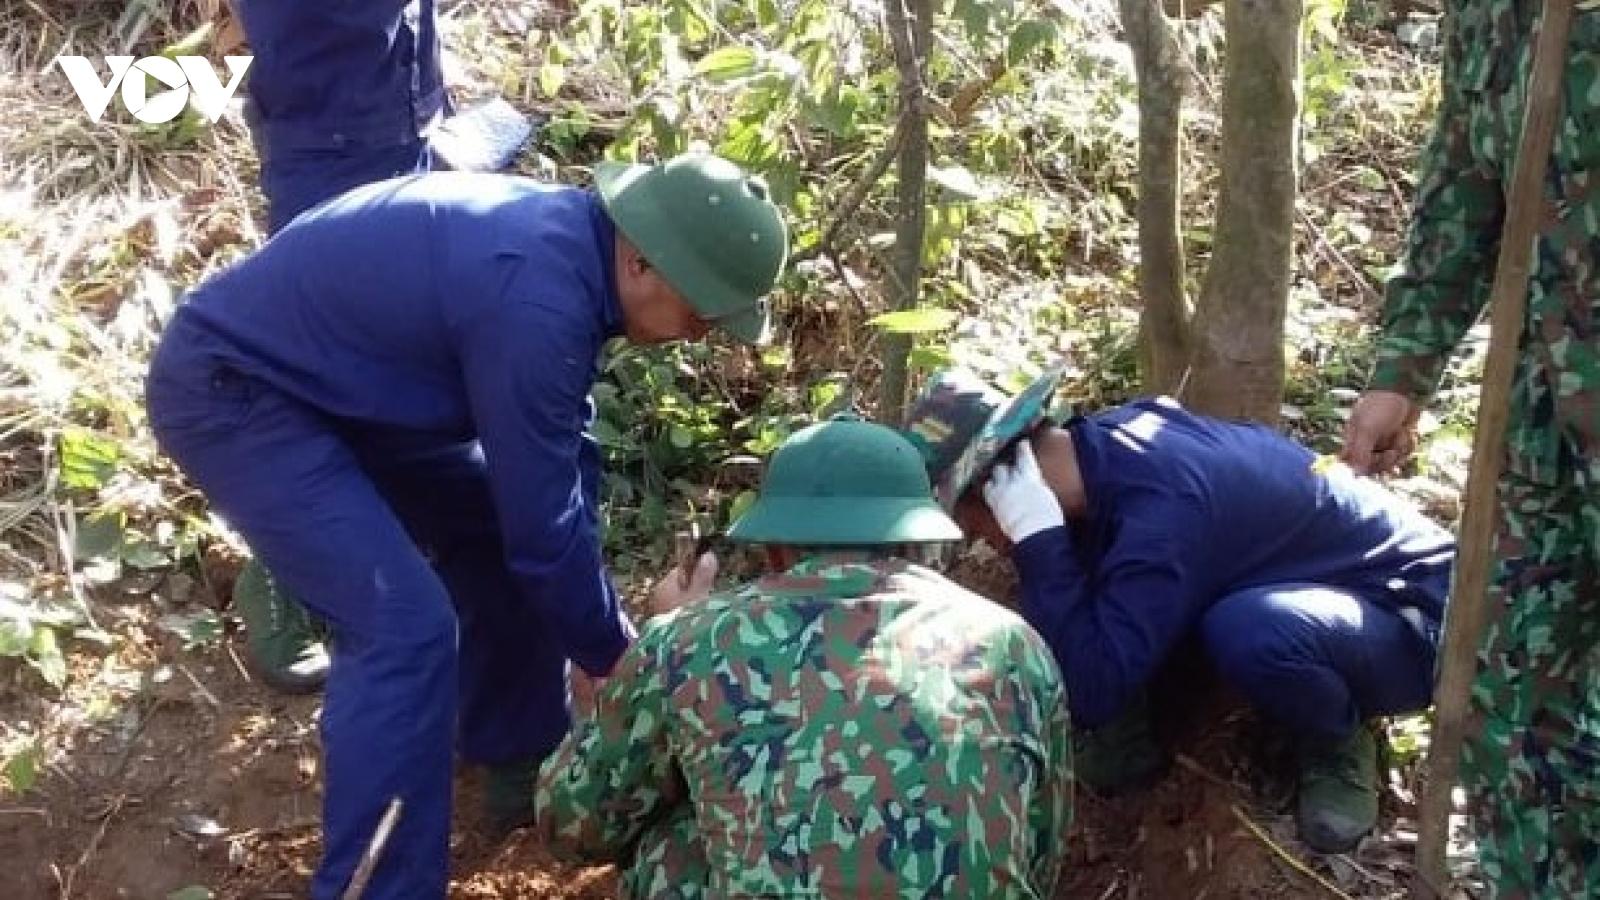 Tìm thấy 2 hài cốt liệt sỹ tại điểm cao 500 xã Tân Liên, huyện Hướng Hóa